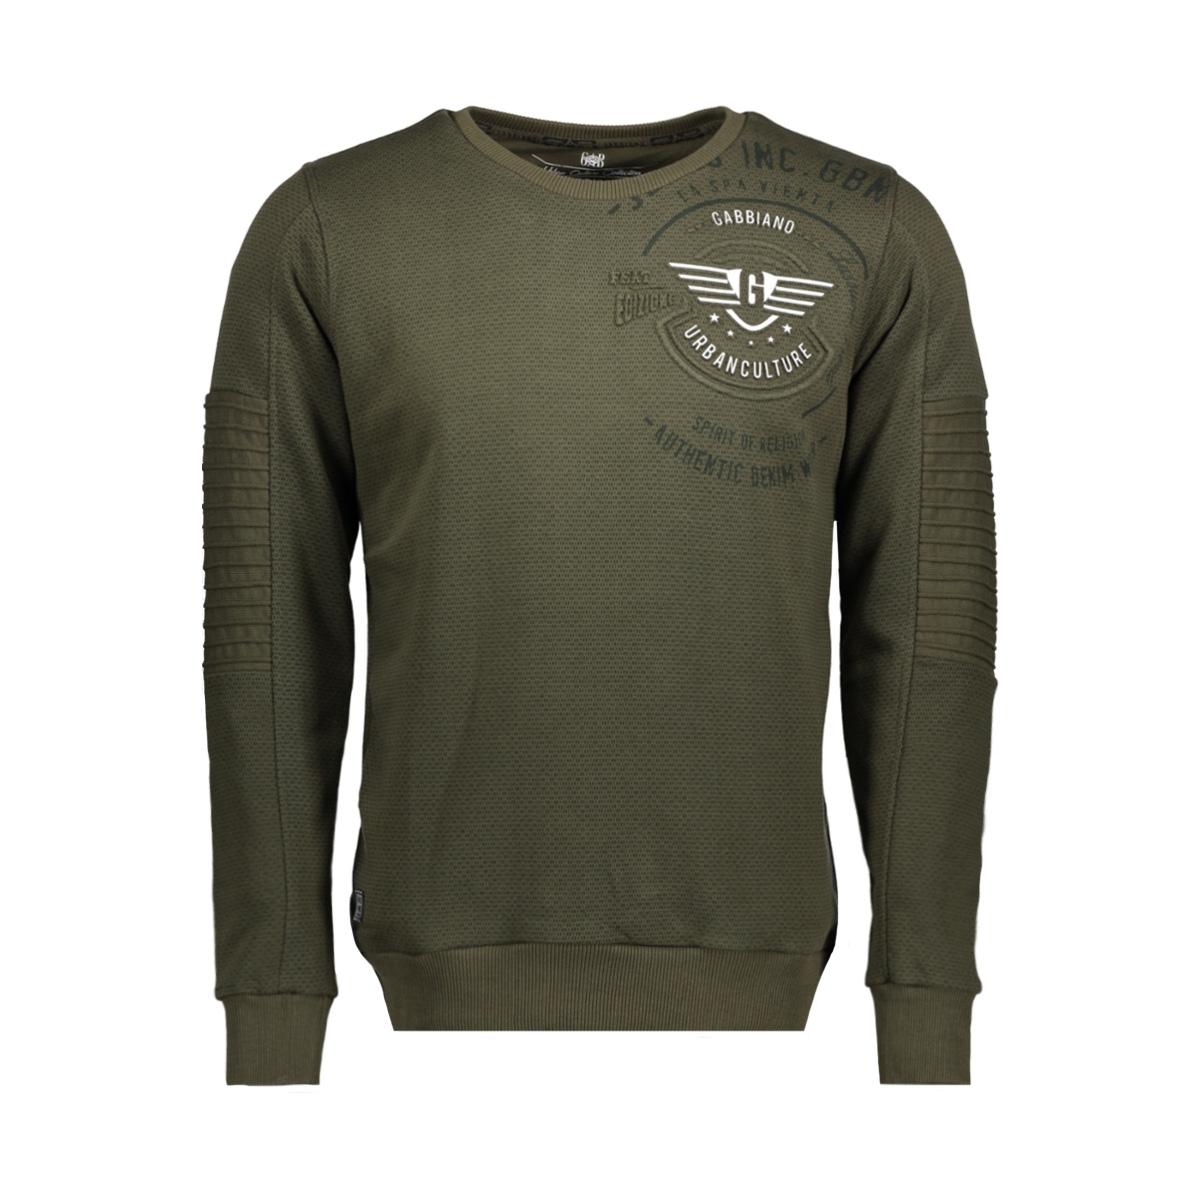 76125 army gabbiano sweater army